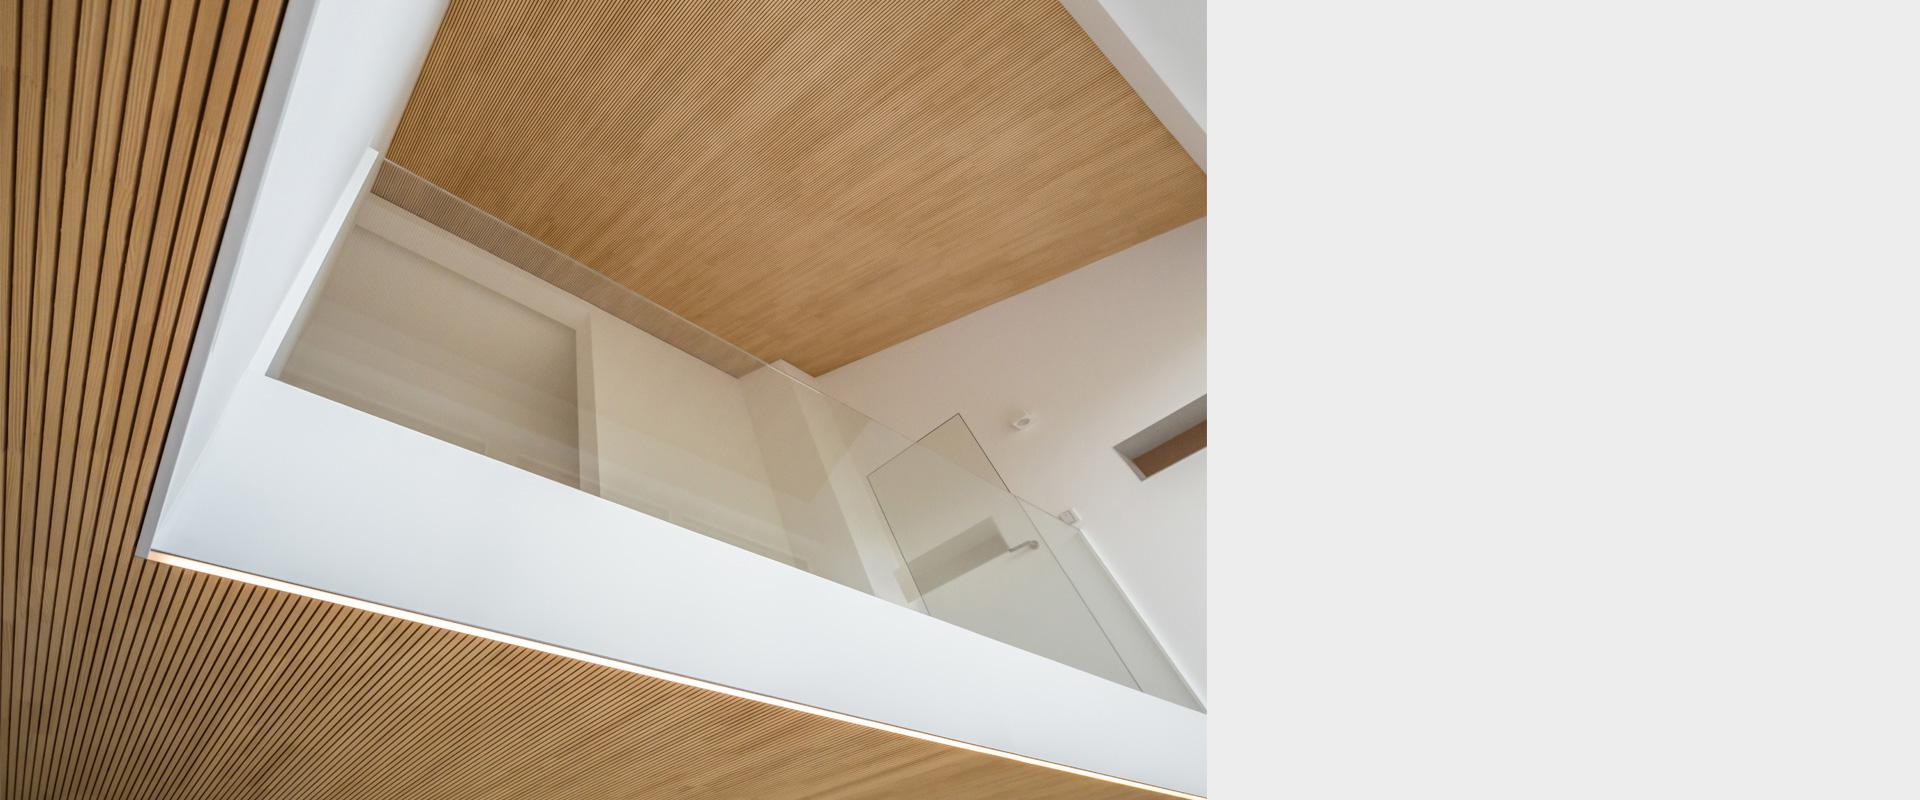 Architekturbüro musahl Waldshut Wohnhaus S. in Oberweschnegg Empore